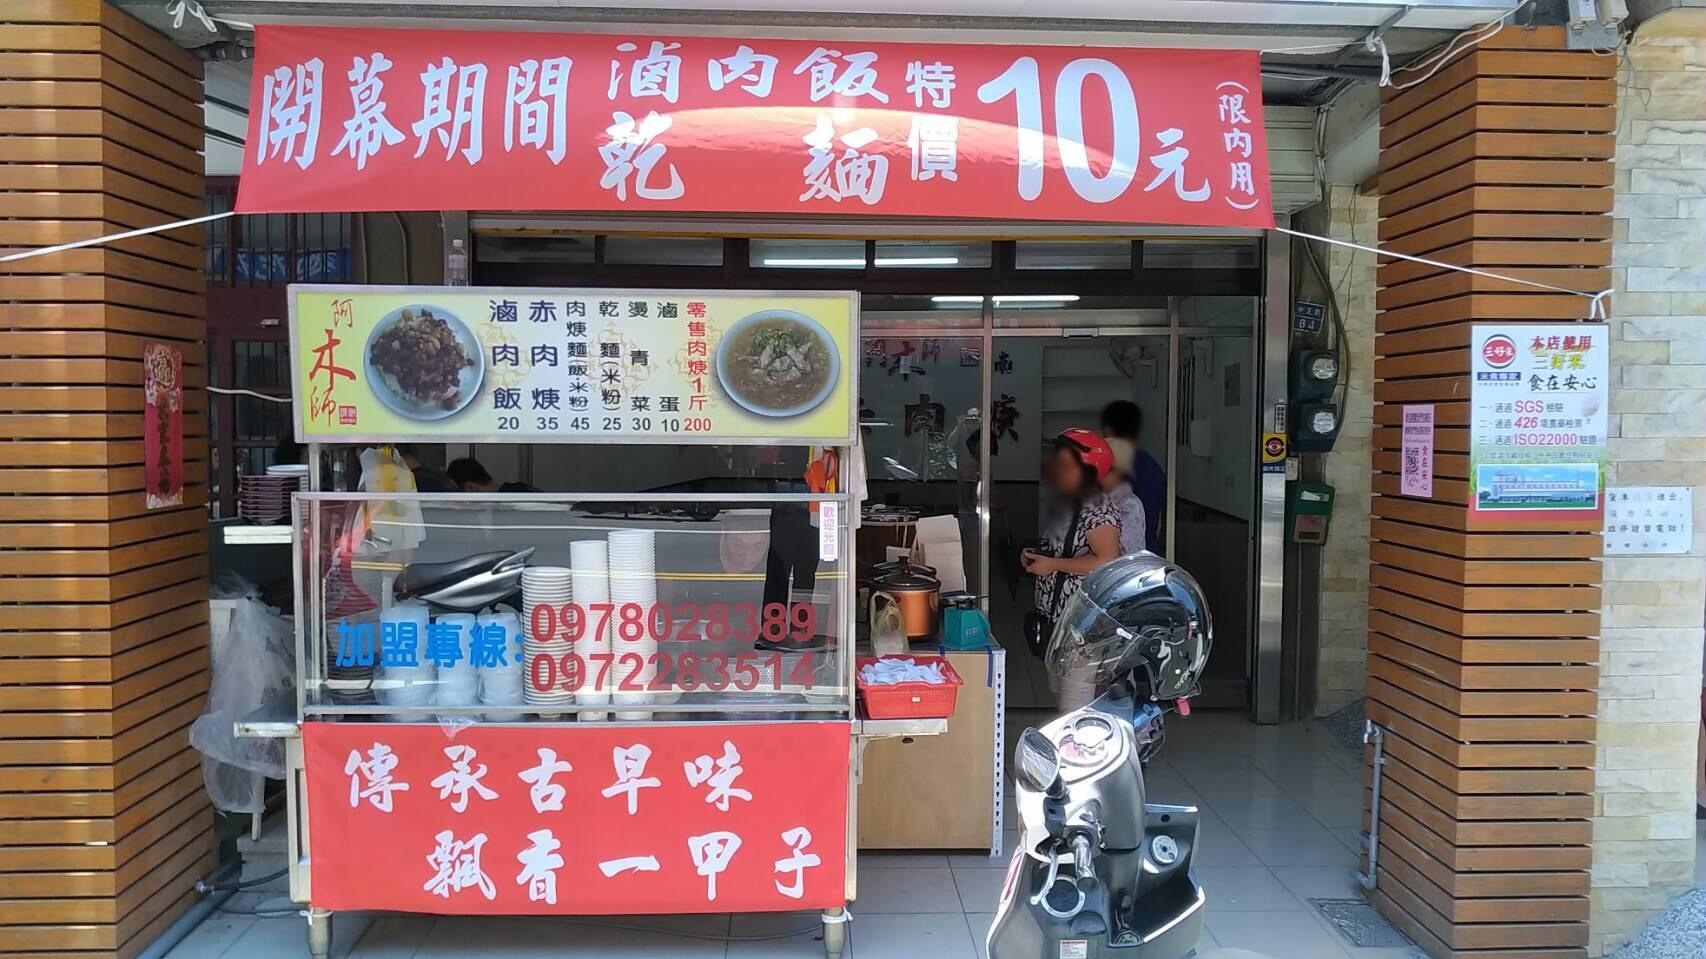 阿木師現做赤肉焿 竹南店